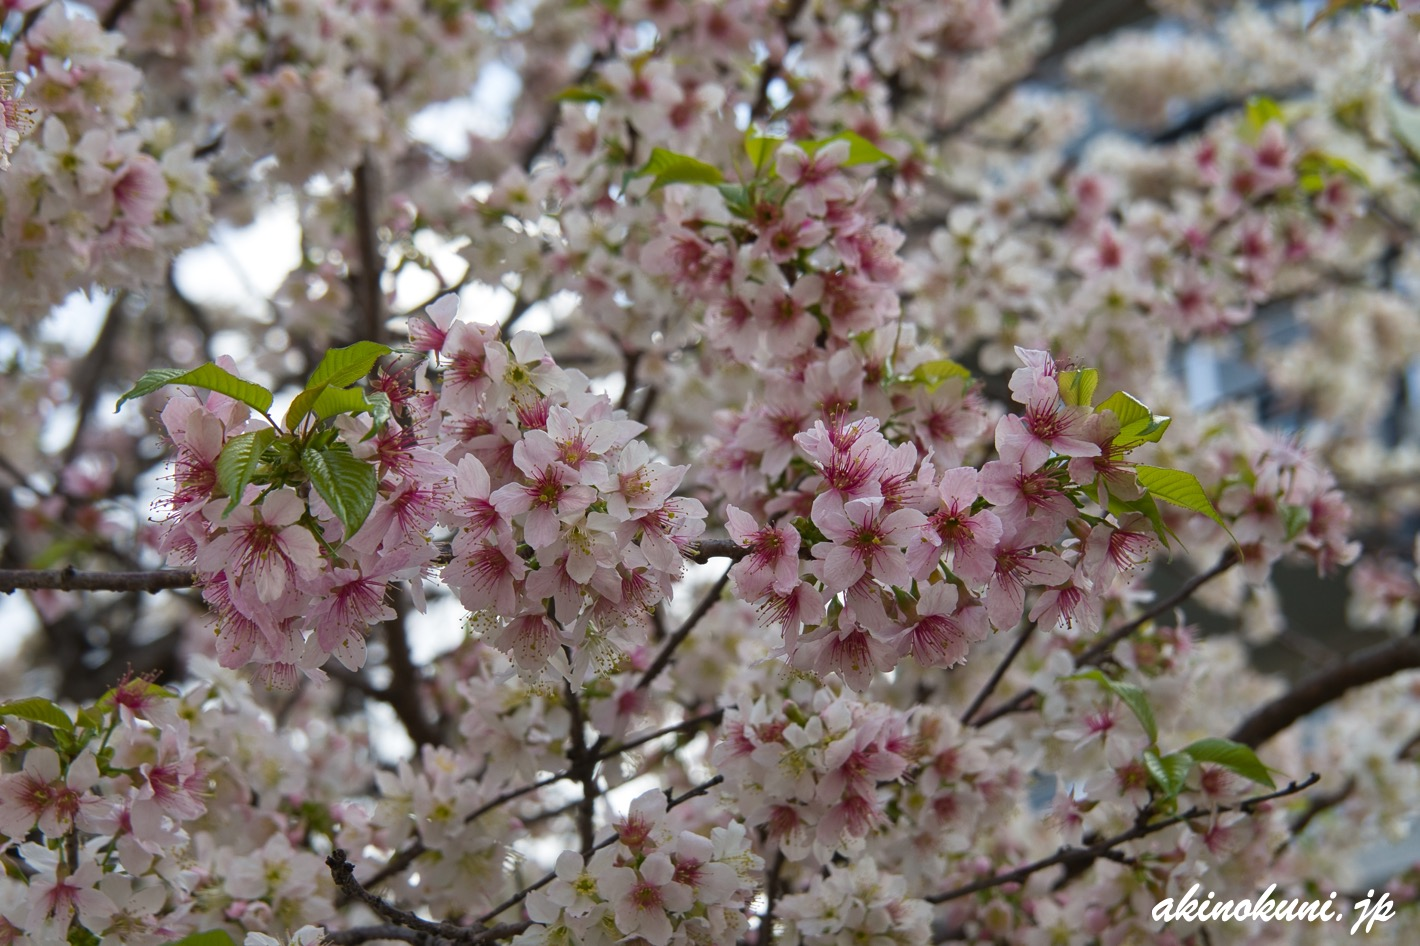 光が丘山根公園の冬桜 たくさん咲いています